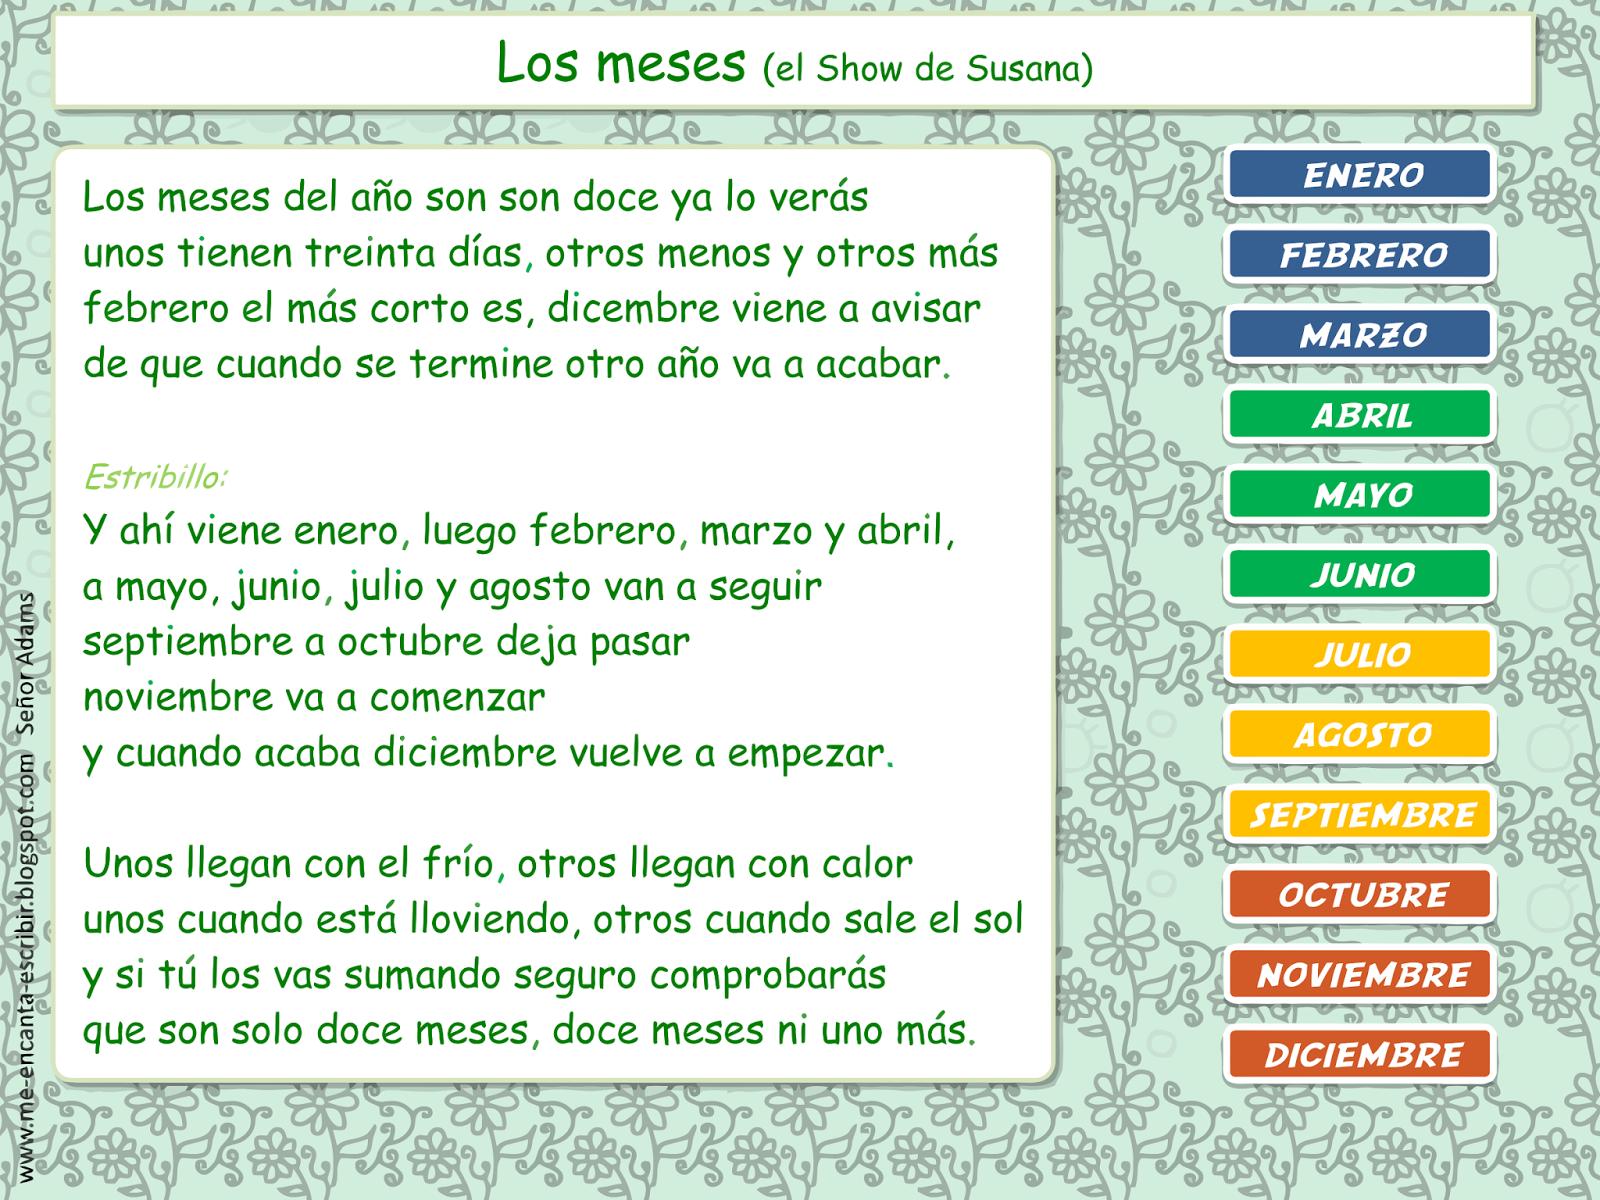 Me Encanta Escribir En Espanol Cancion Los Meses Del Ano El Show